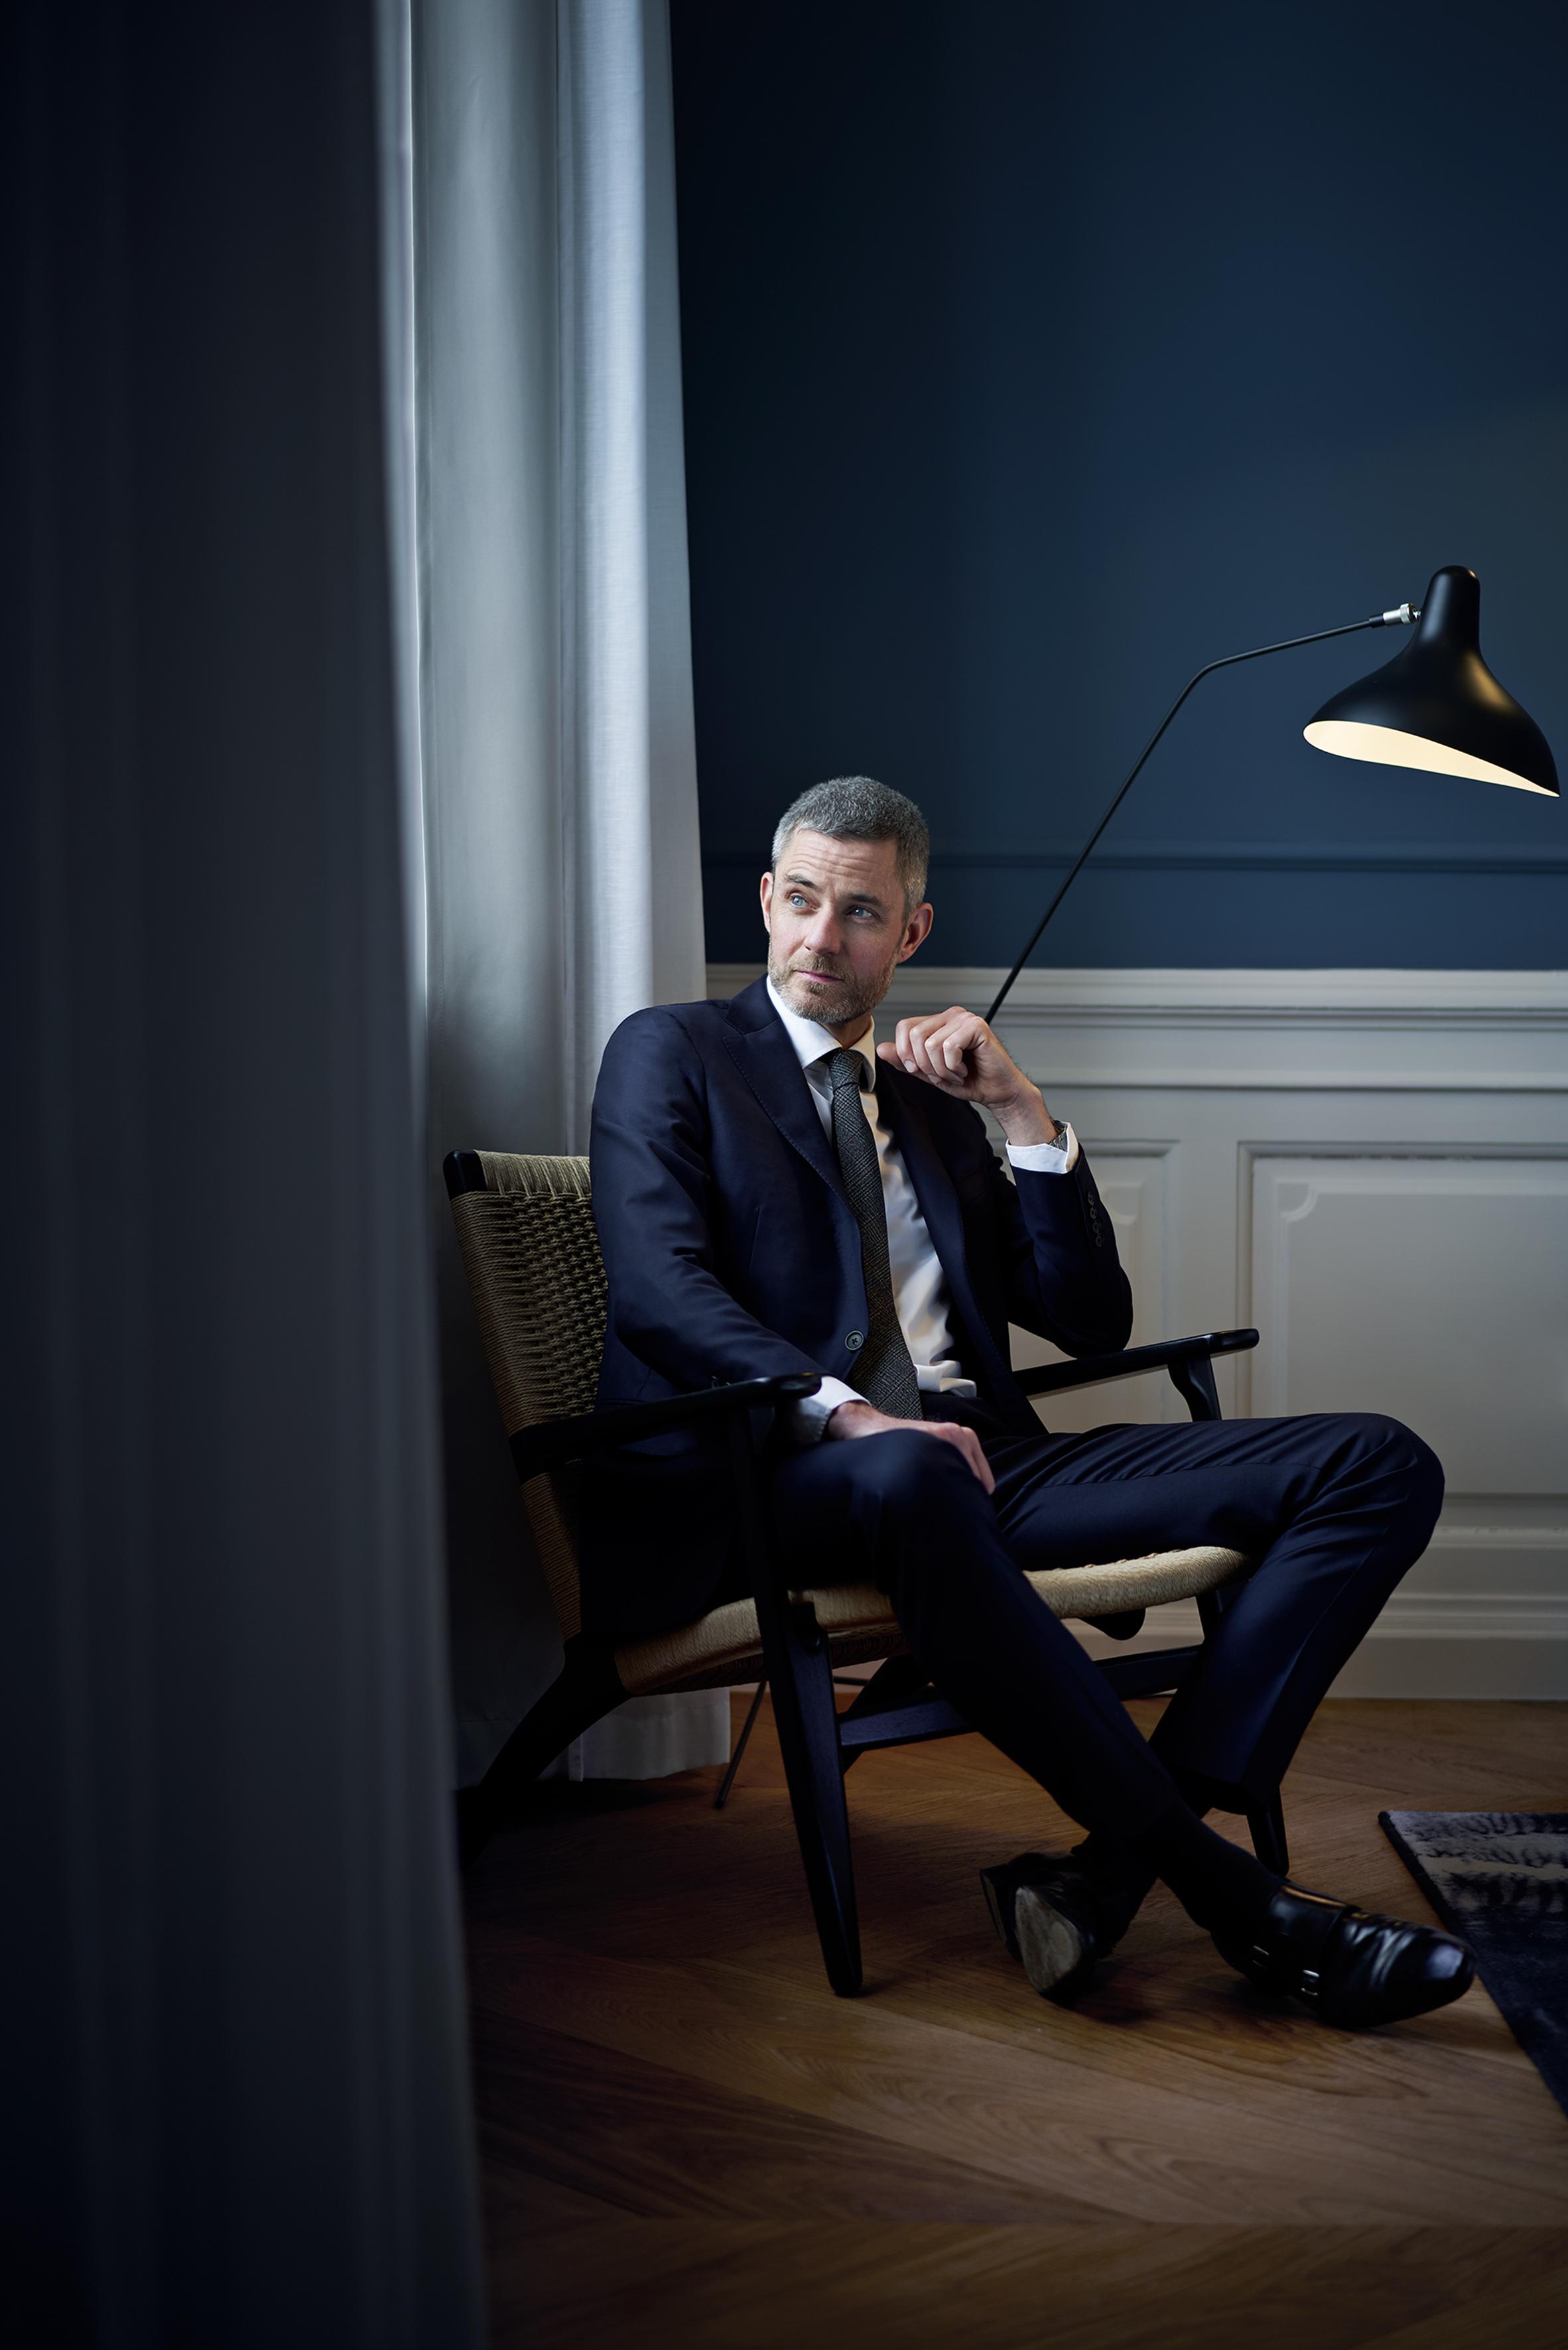 Forsvarsadvokat Anders Schønnemann Olesen.jpg